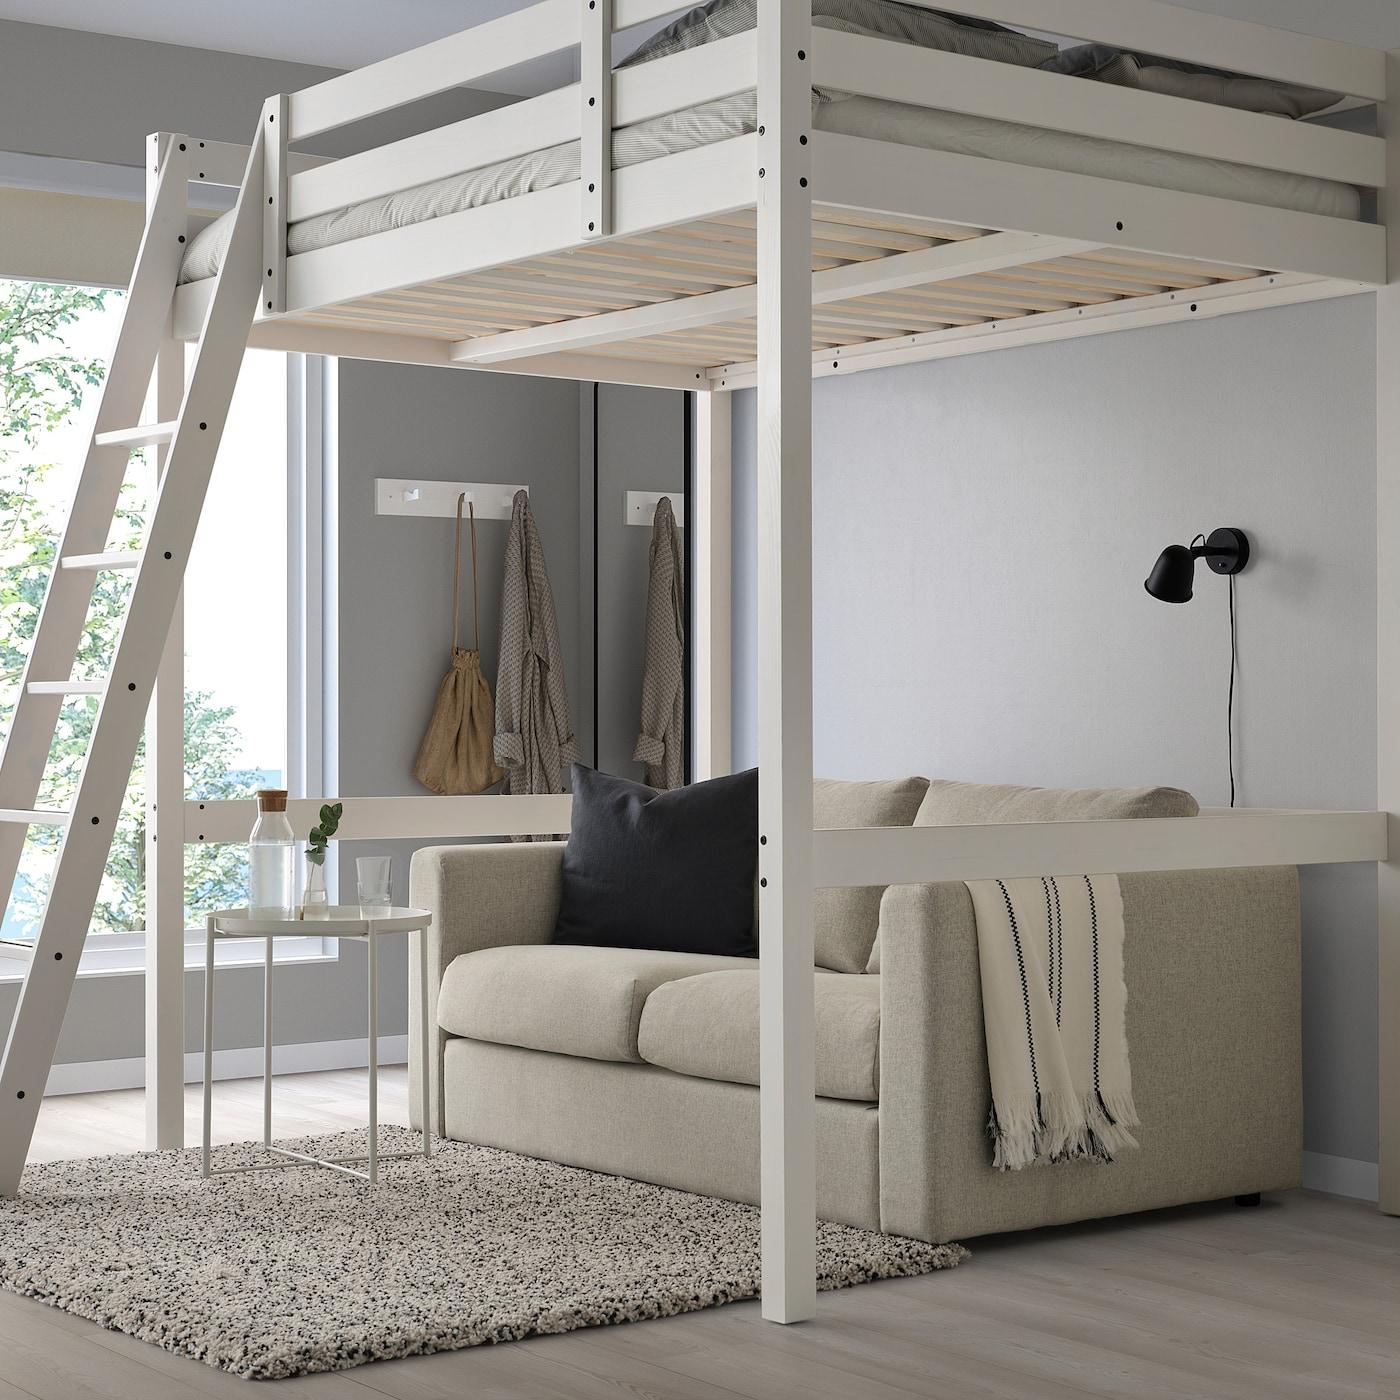 Stora Hochbett Praktisches Raumwunder Fur Das Jugendzimmer Ikea Osterreich